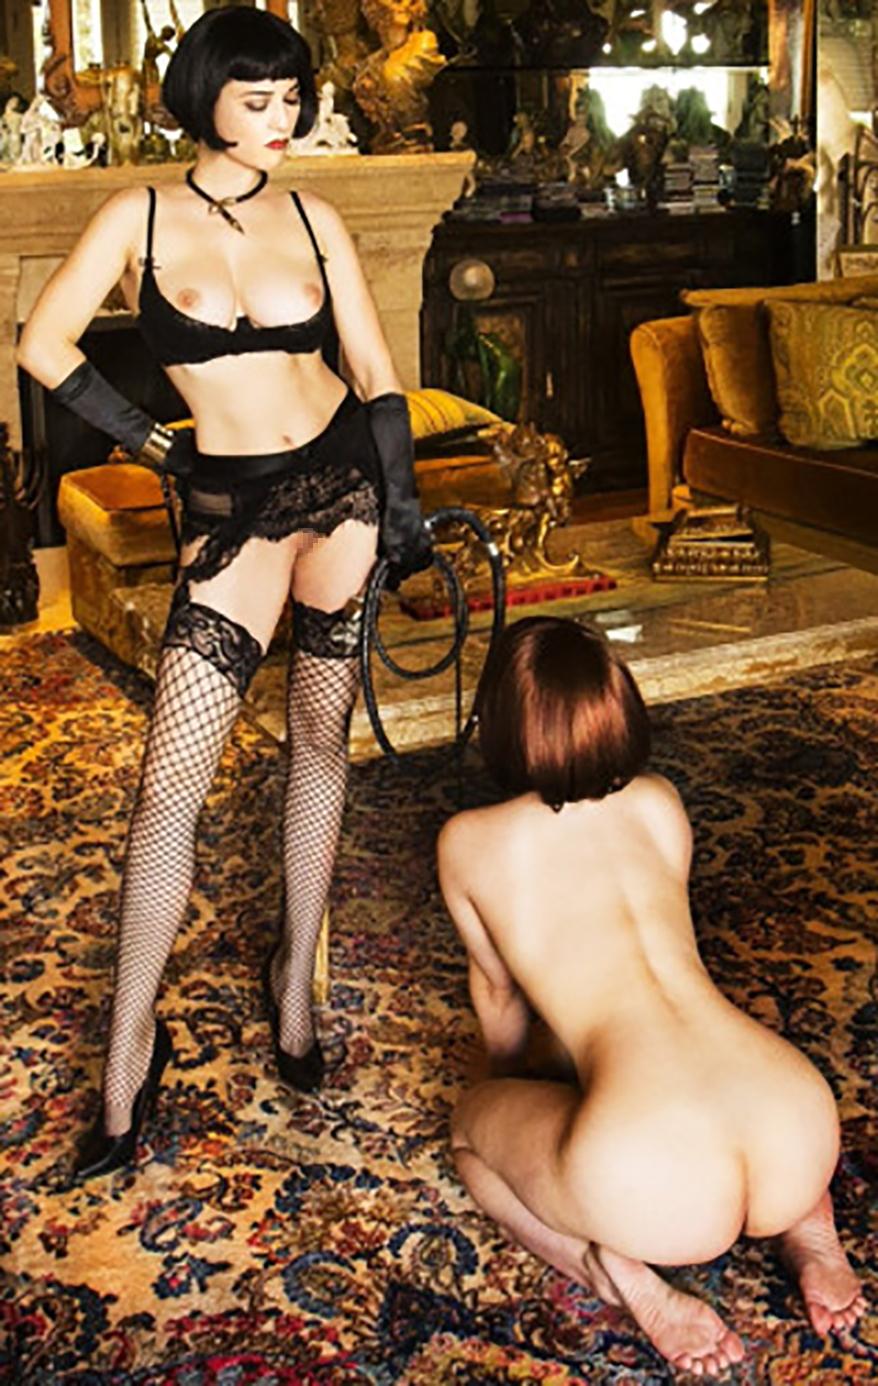 女同士がガチで挑むSMプレイがえっろすぎwwwwwwwwwwwww(画像あり)・29枚目